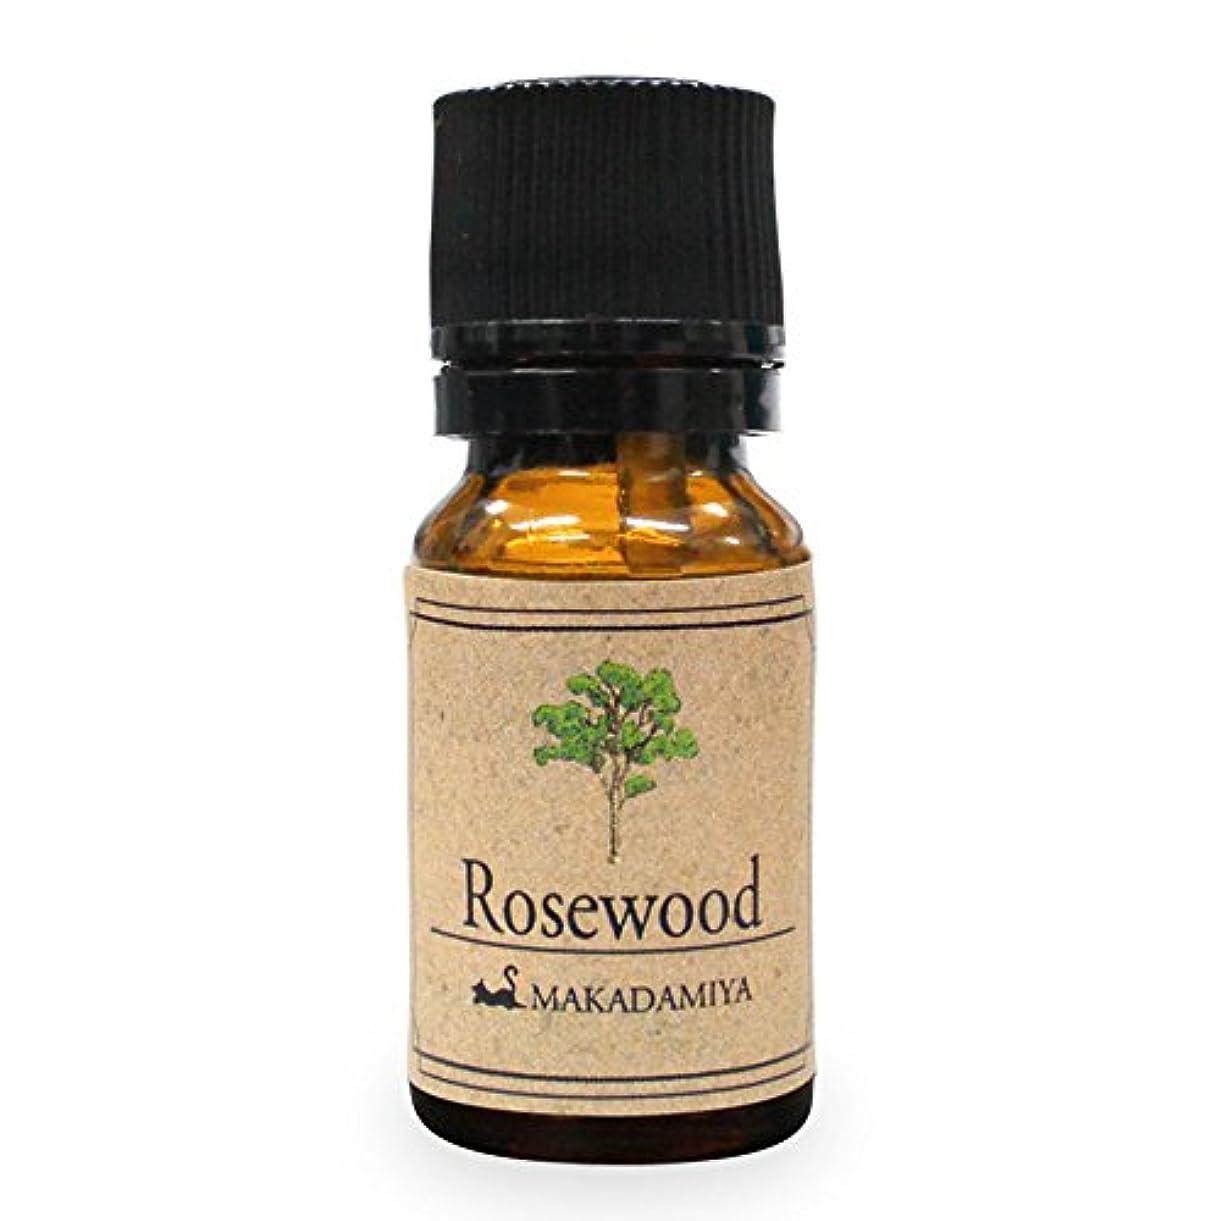 生き返らせる哲学者チャットローズウッド10ml 天然100%植物性 エッセンシャルオイル(精油) アロマオイル アロママッサージ aroma Rosewood